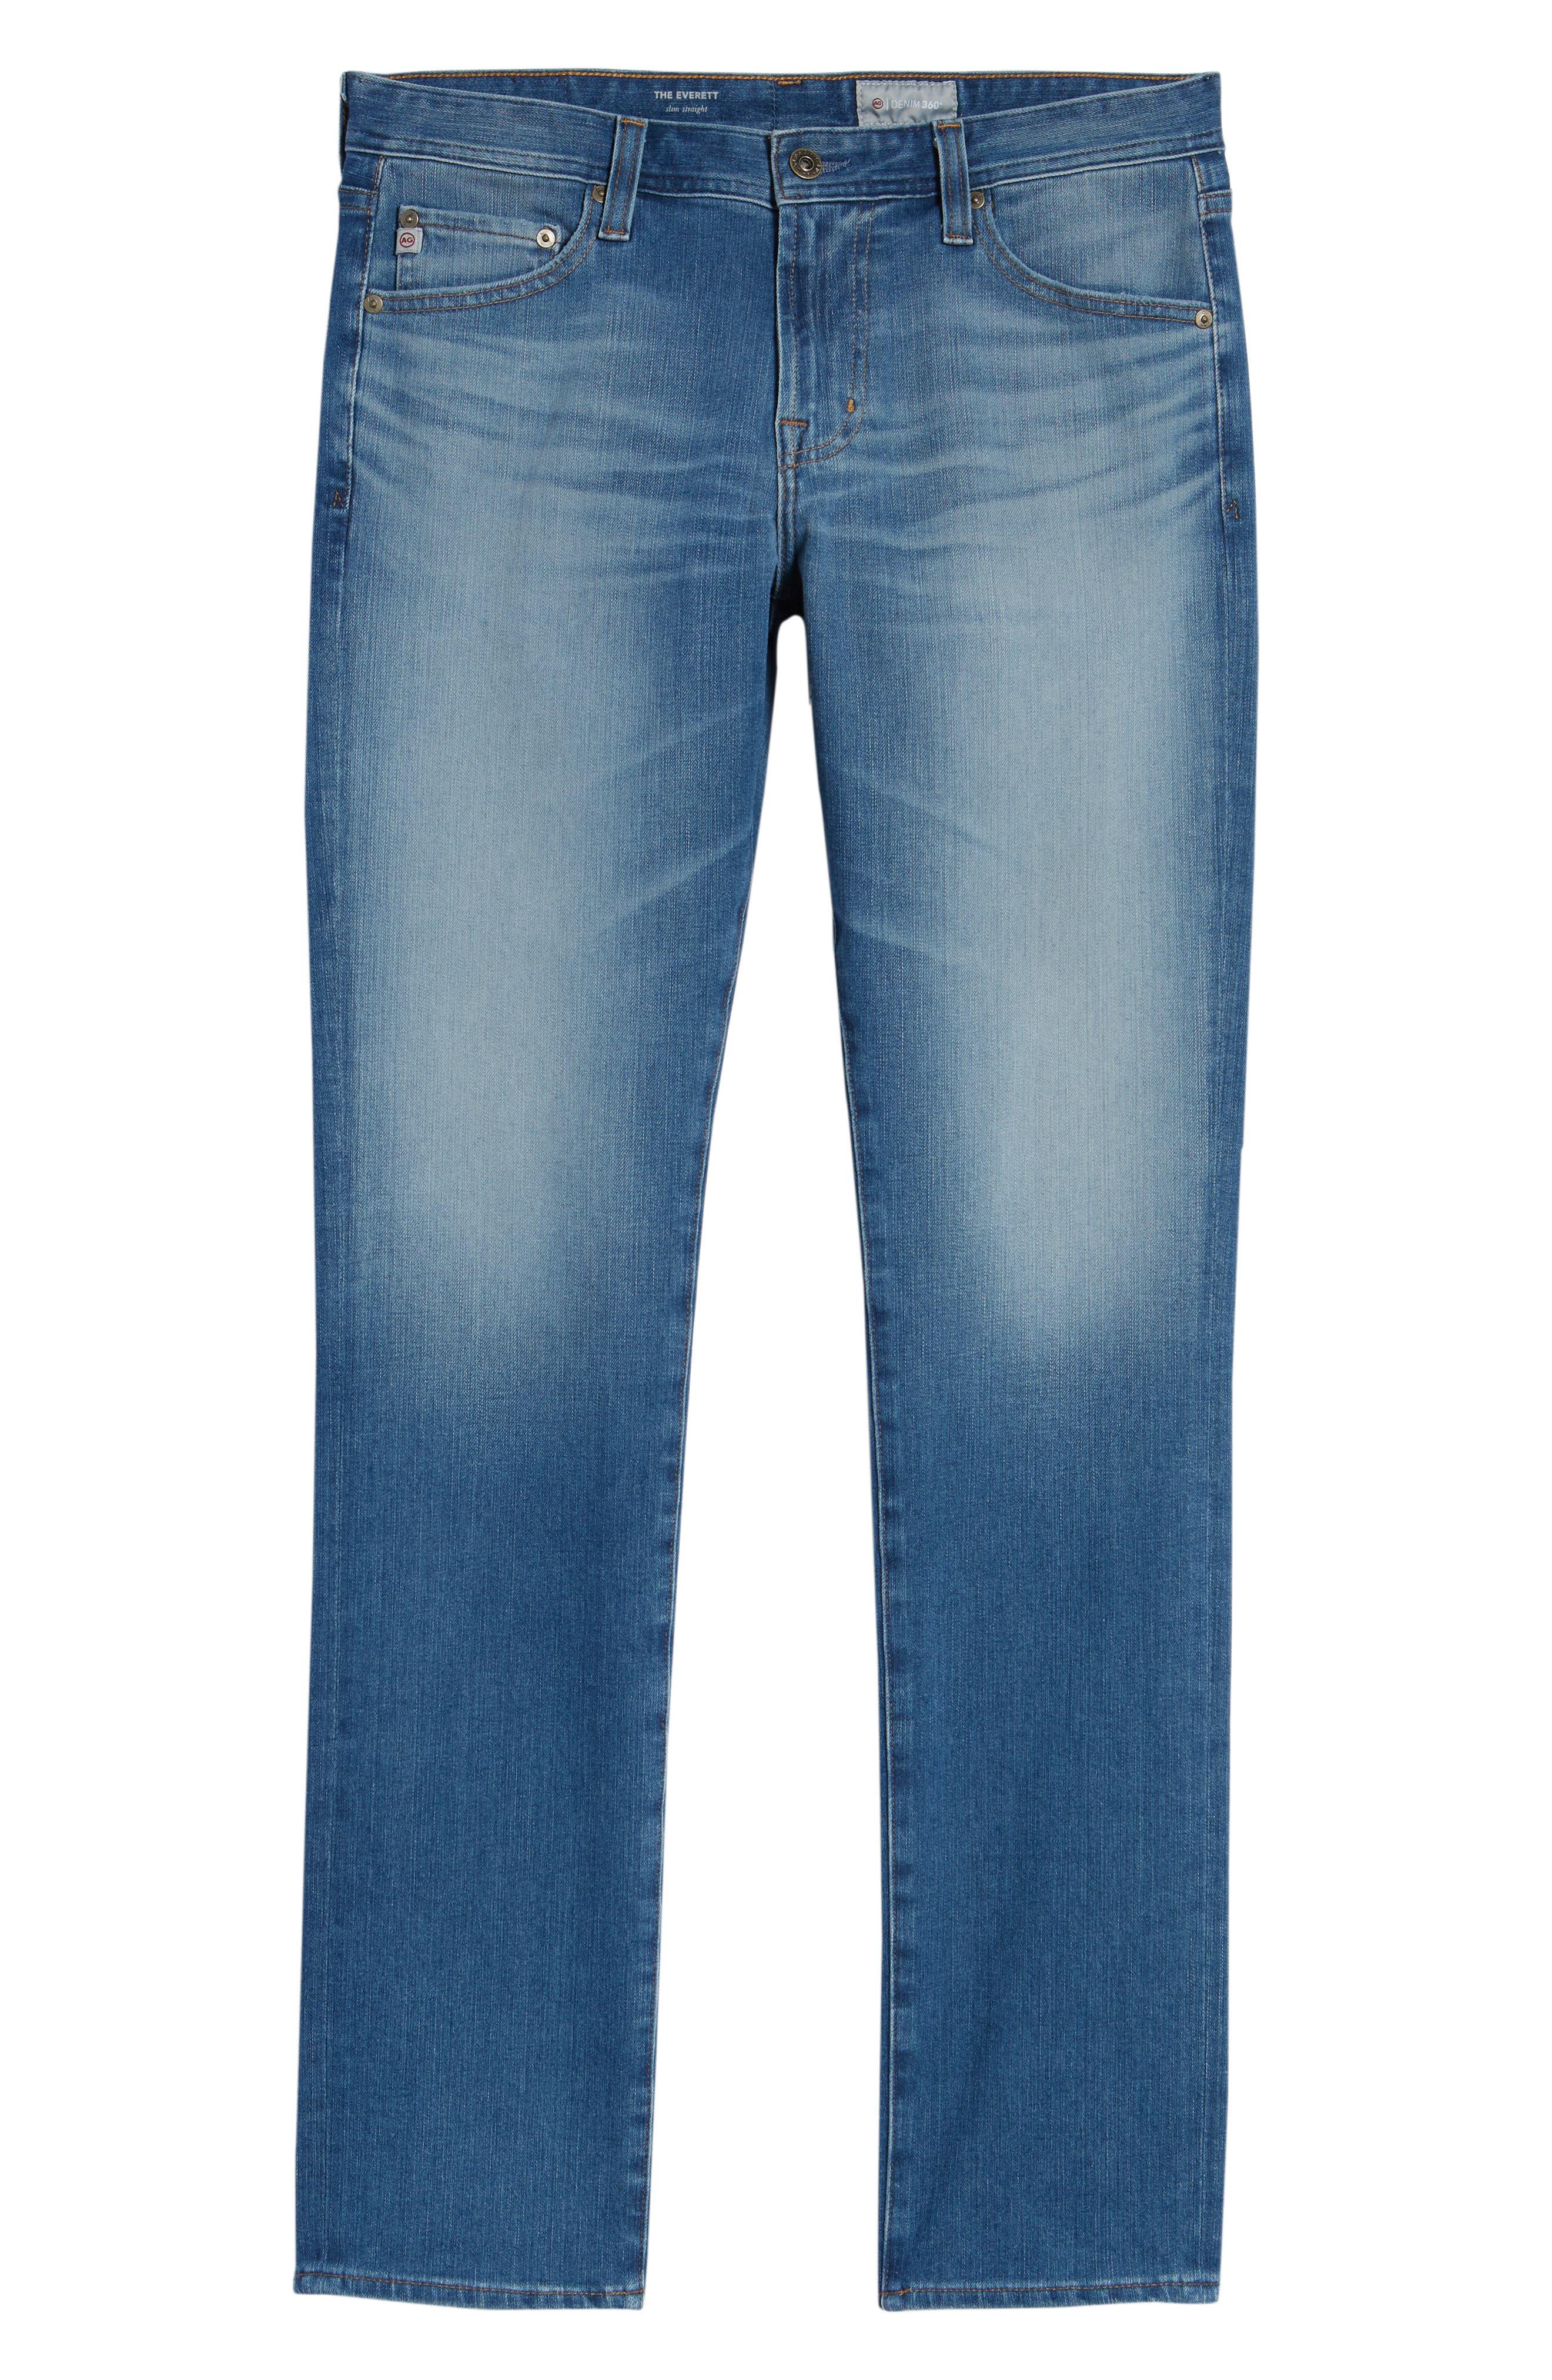 Everett Slim Straight Leg Jeans,                             Alternate thumbnail 6, color,                             Merchant